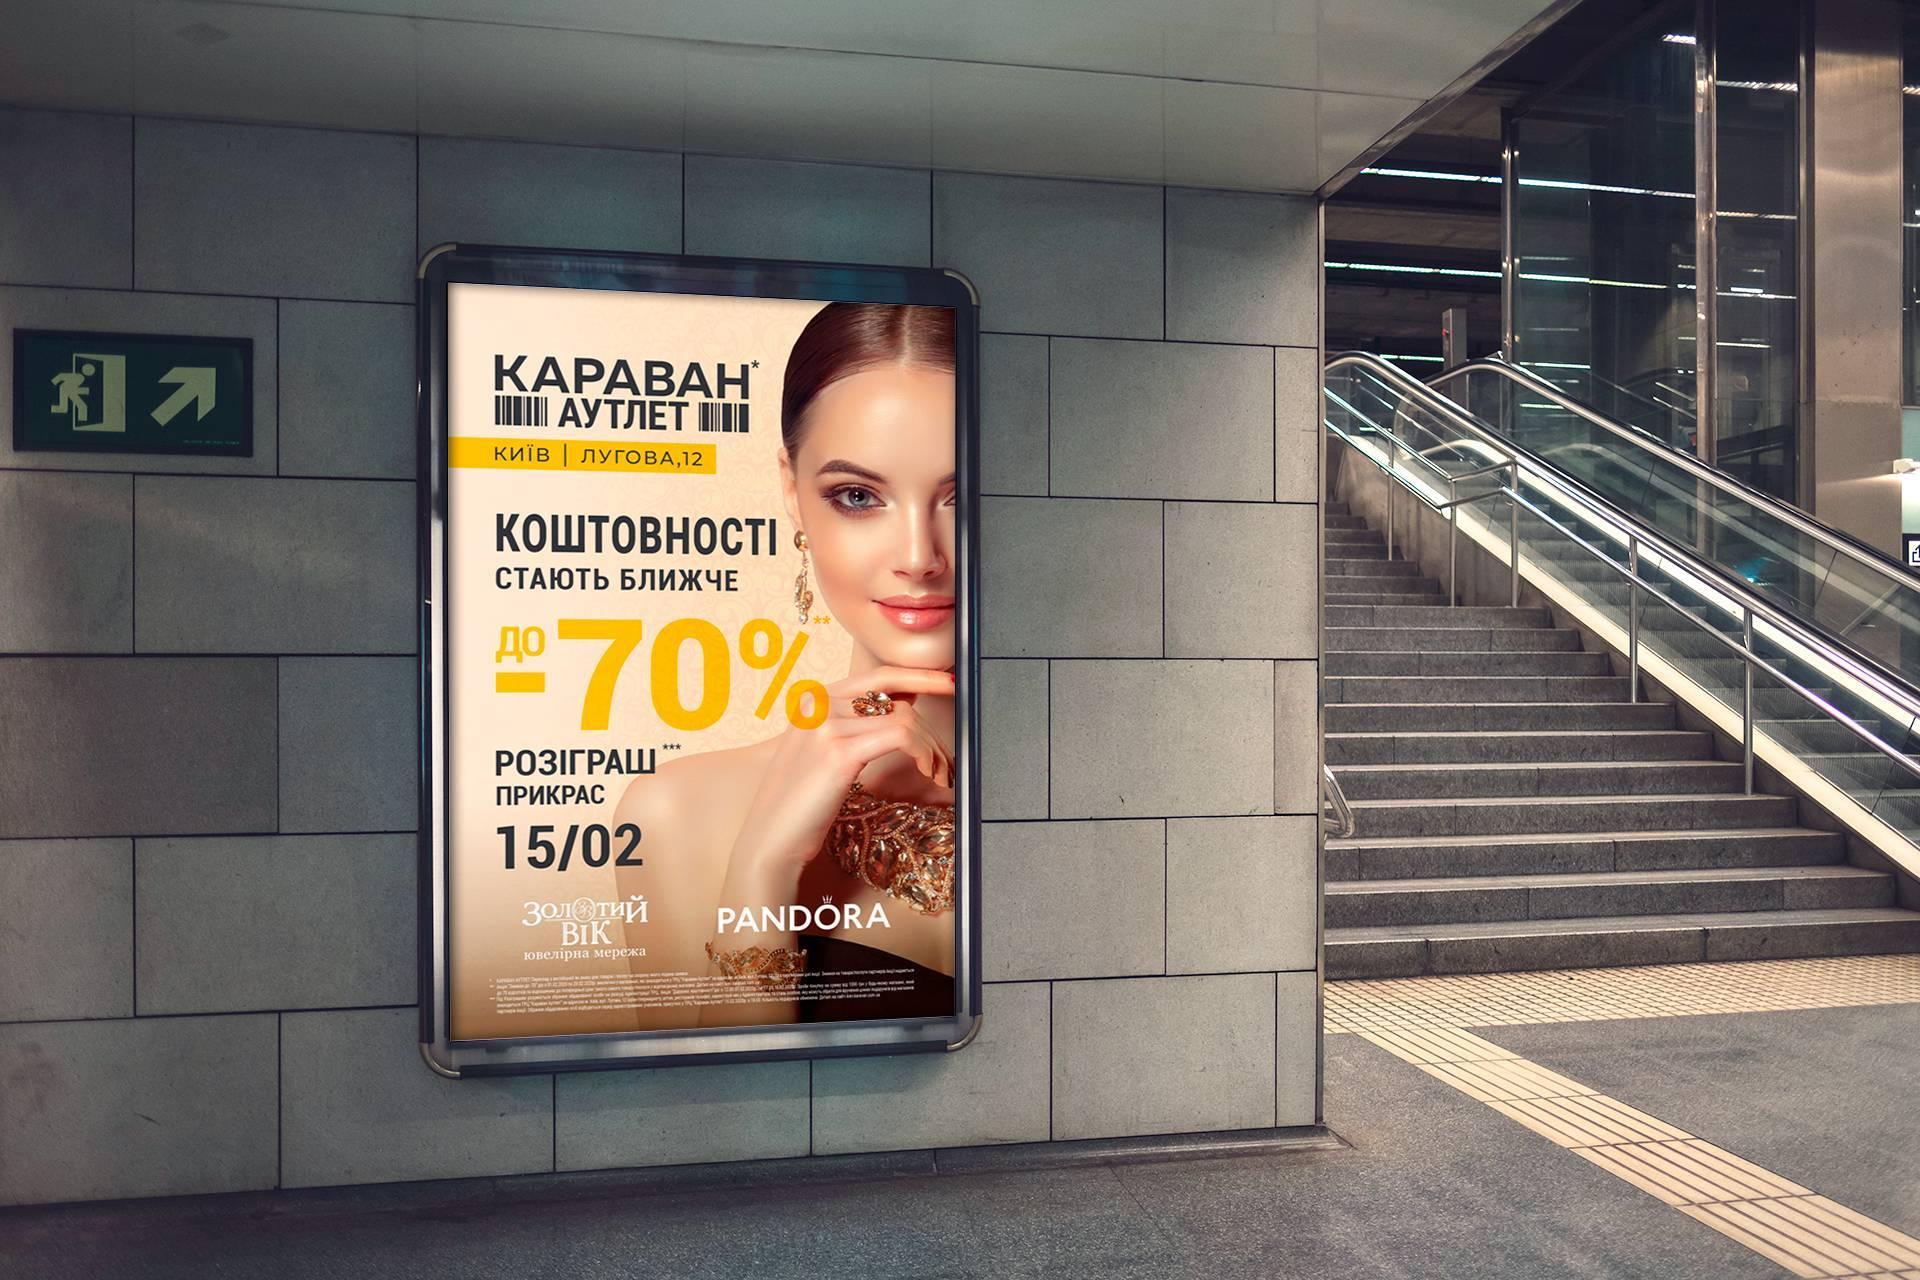 Розробка дизайну сіті лайт Київ, рекламний постер ТЦ КАРАВАН, КОШТОВНОСТІ